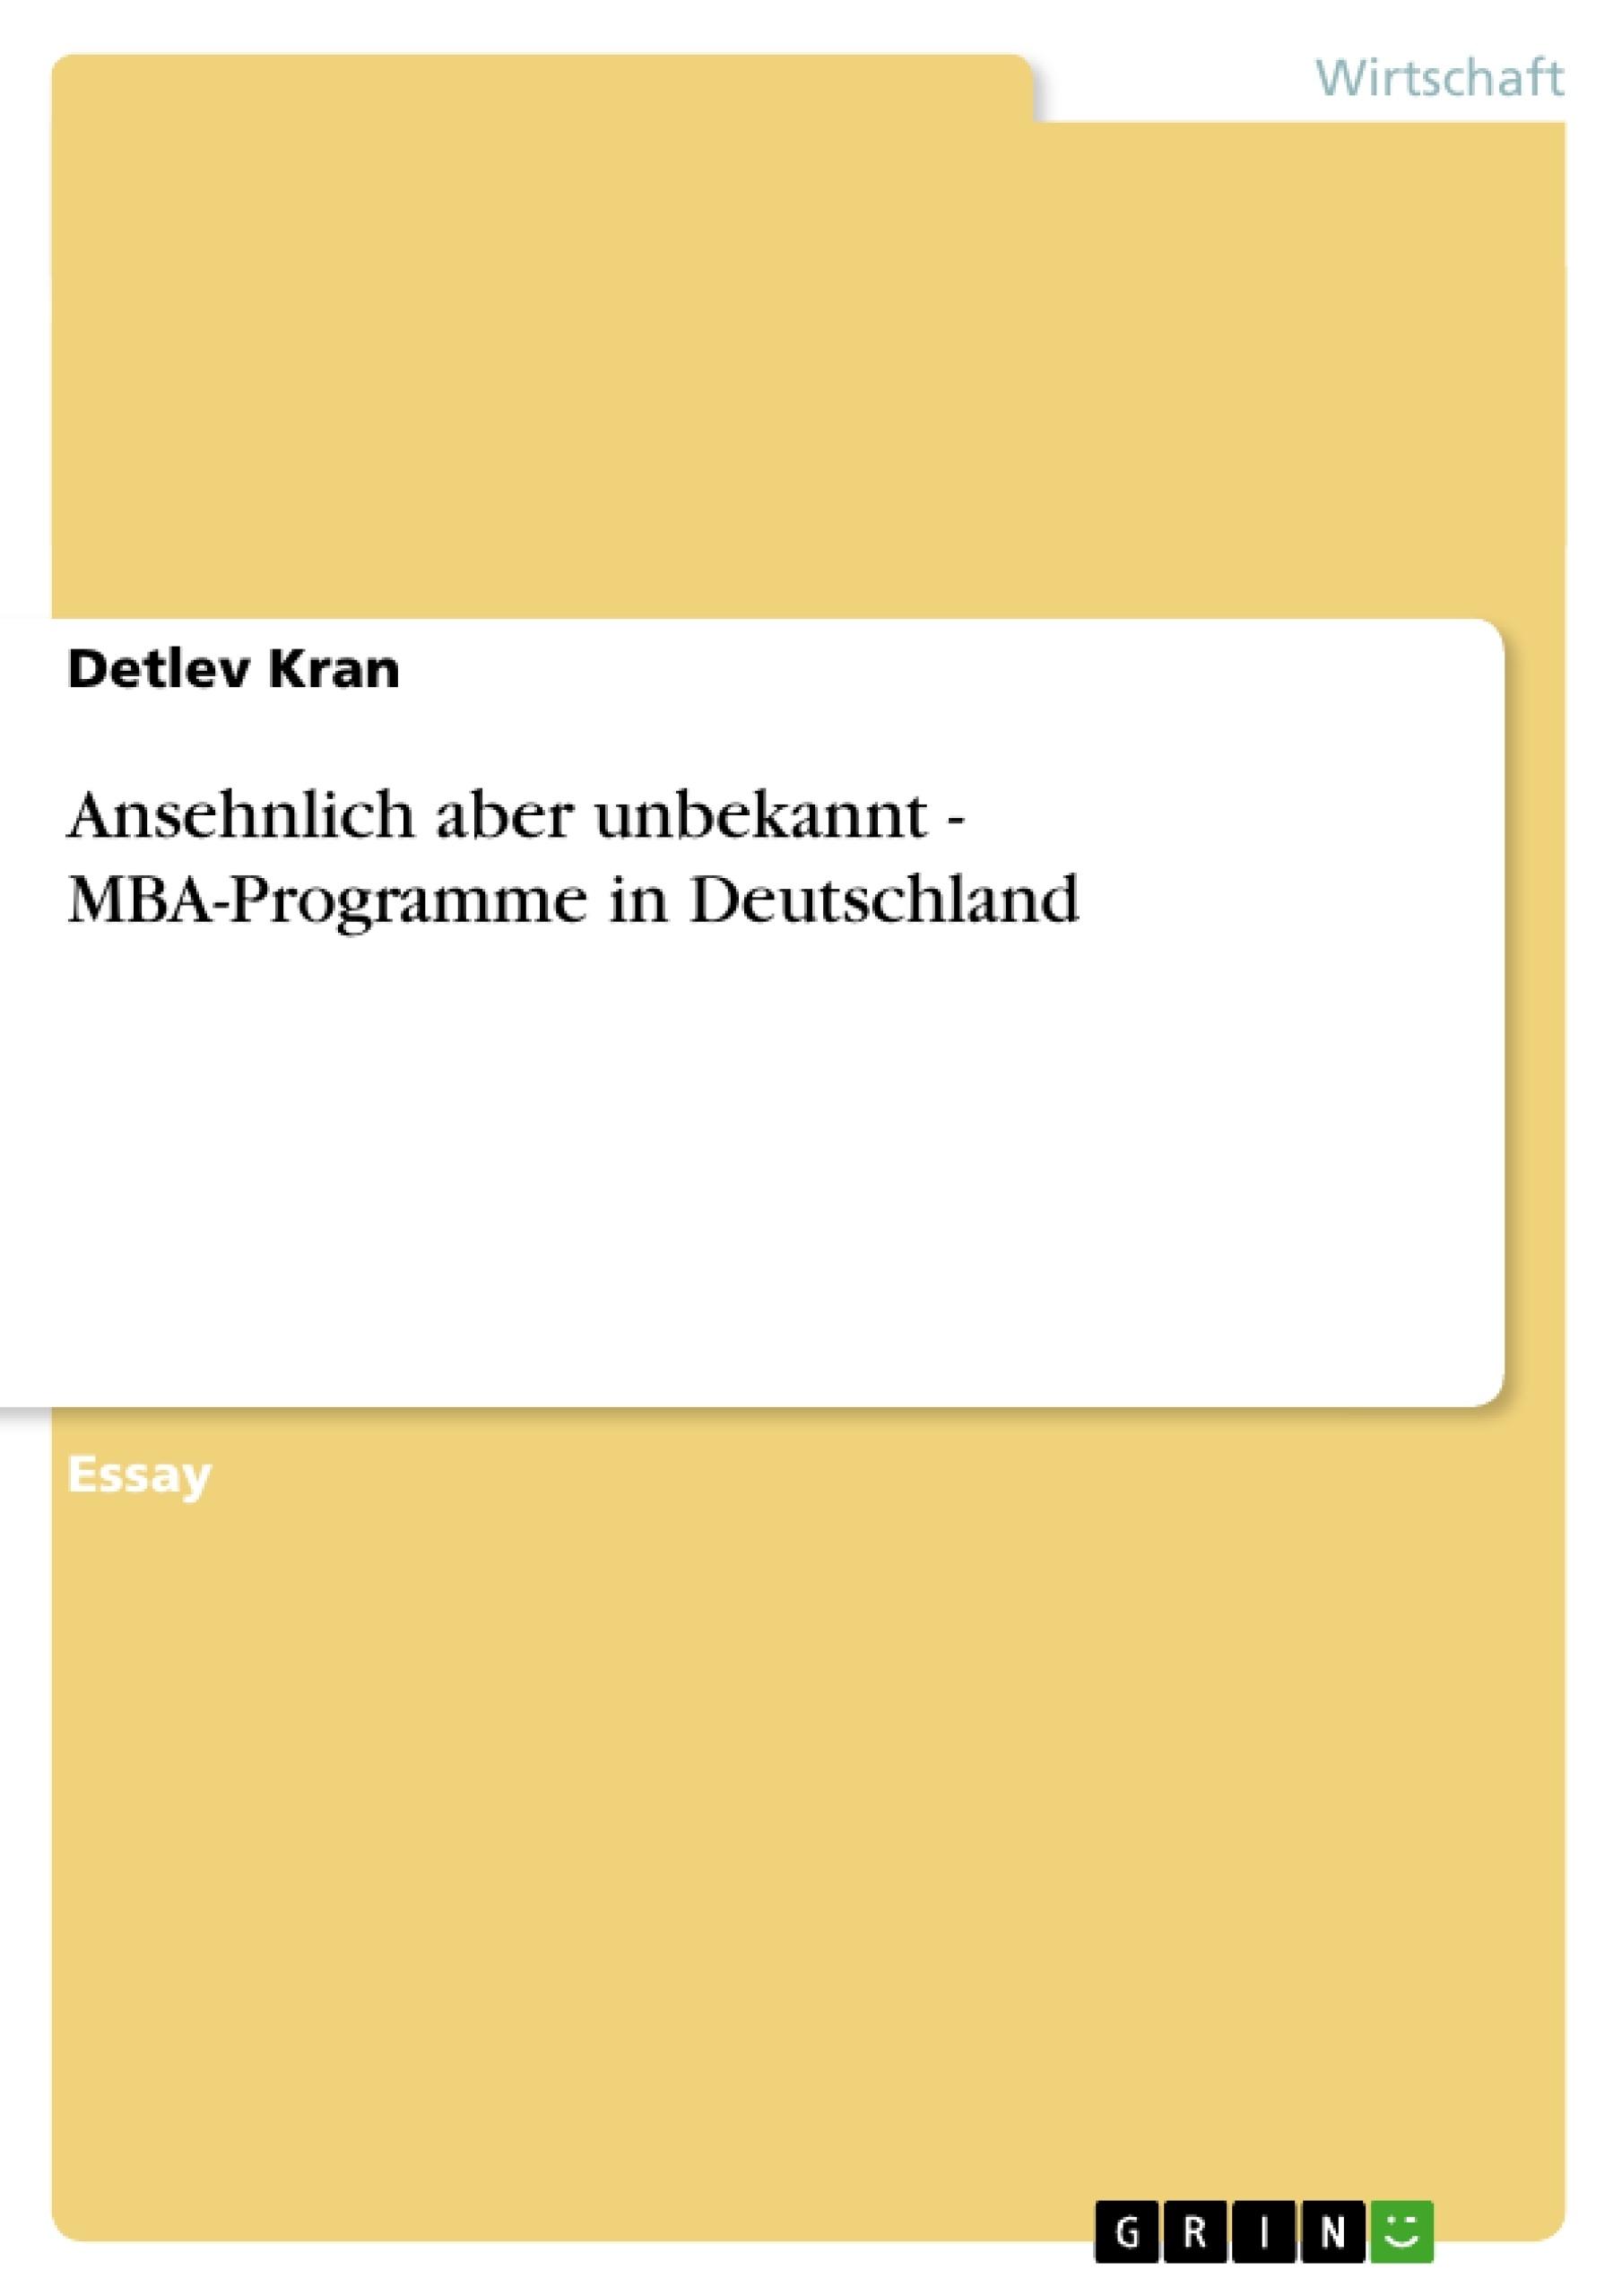 Titel: Ansehnlich aber unbekannt - MBA-Programme in Deutschland